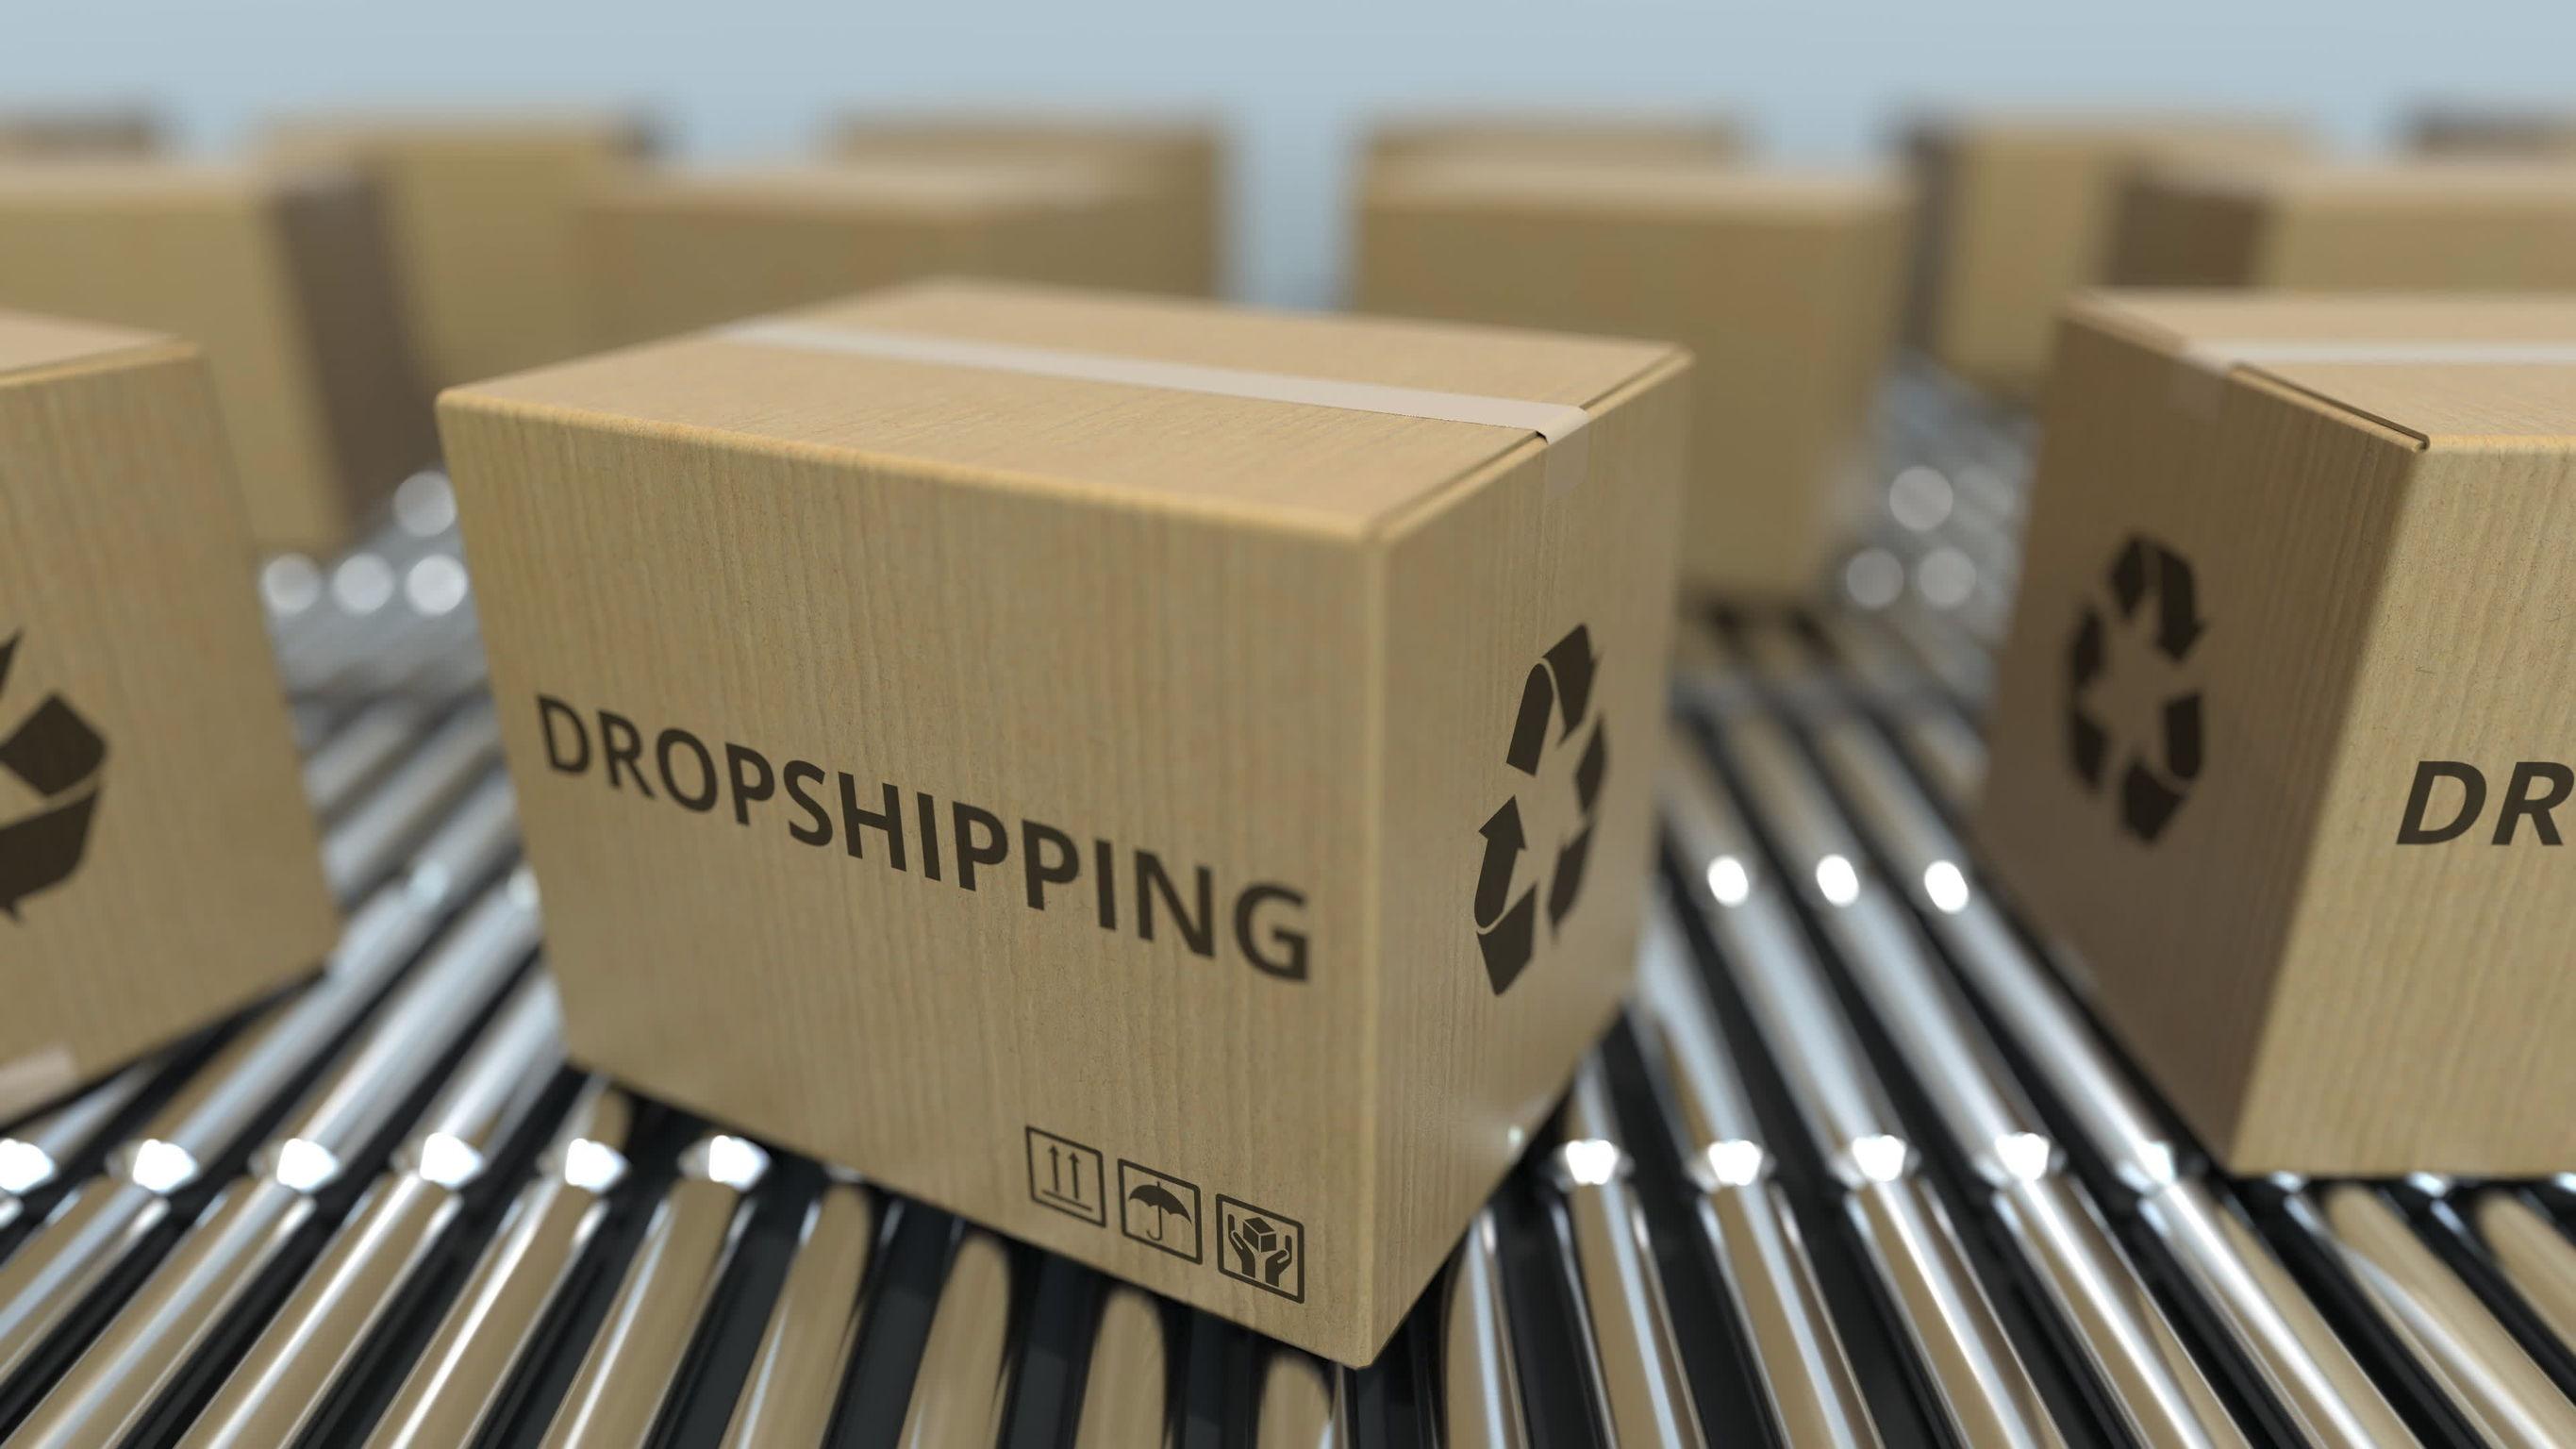 Afbeelding blog Dropshipping: Waar moet de dropshipper juridisch op letten en welke rechten heeft de klant?